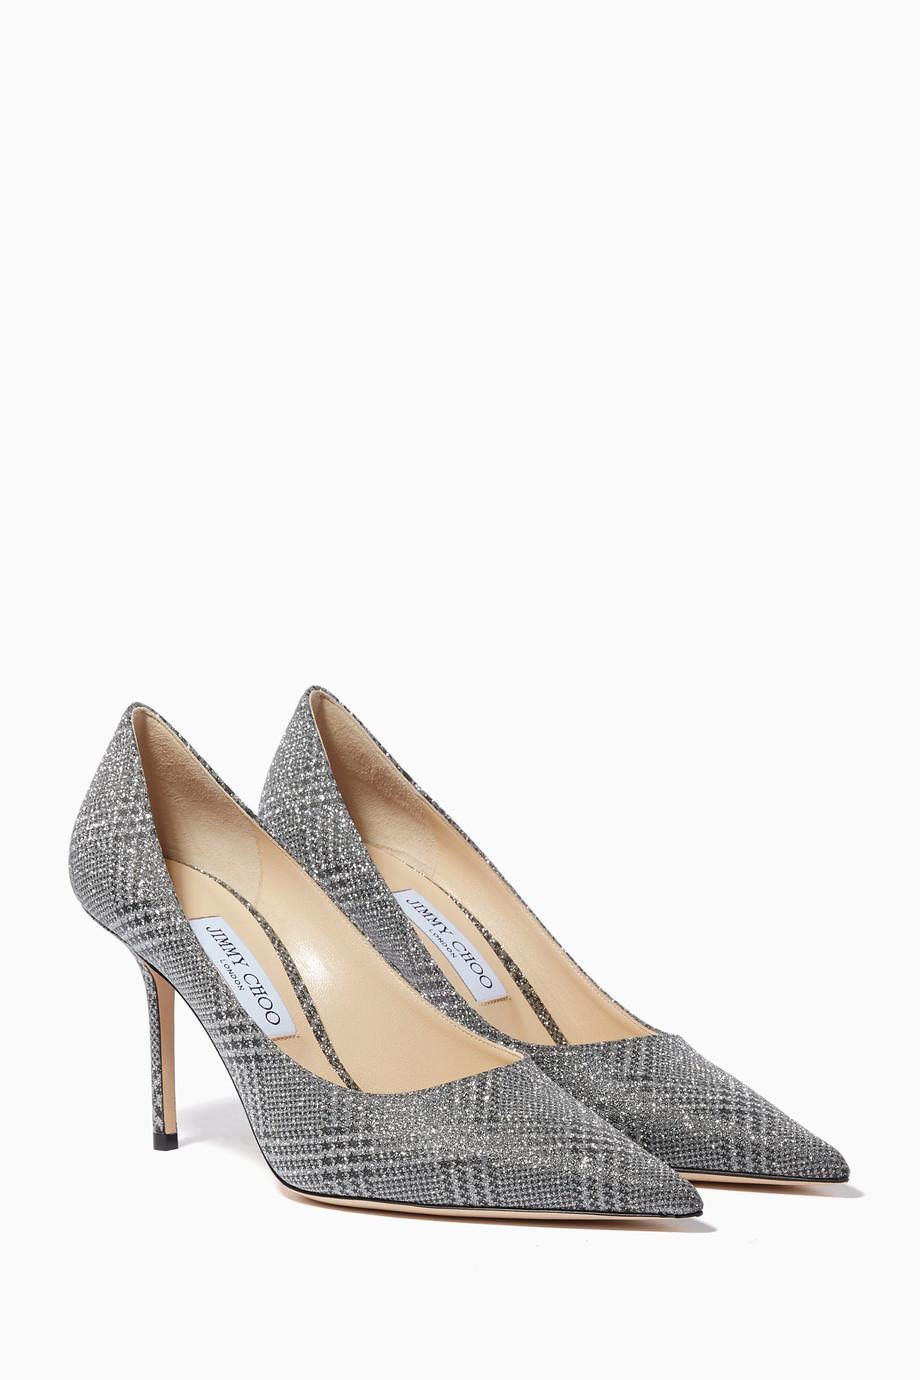 6bf99cc28 تسوق حذاء كلاسيك لاف بنقشة مربعات فضي جيمي تشو فضي للنساء | اُناس ...